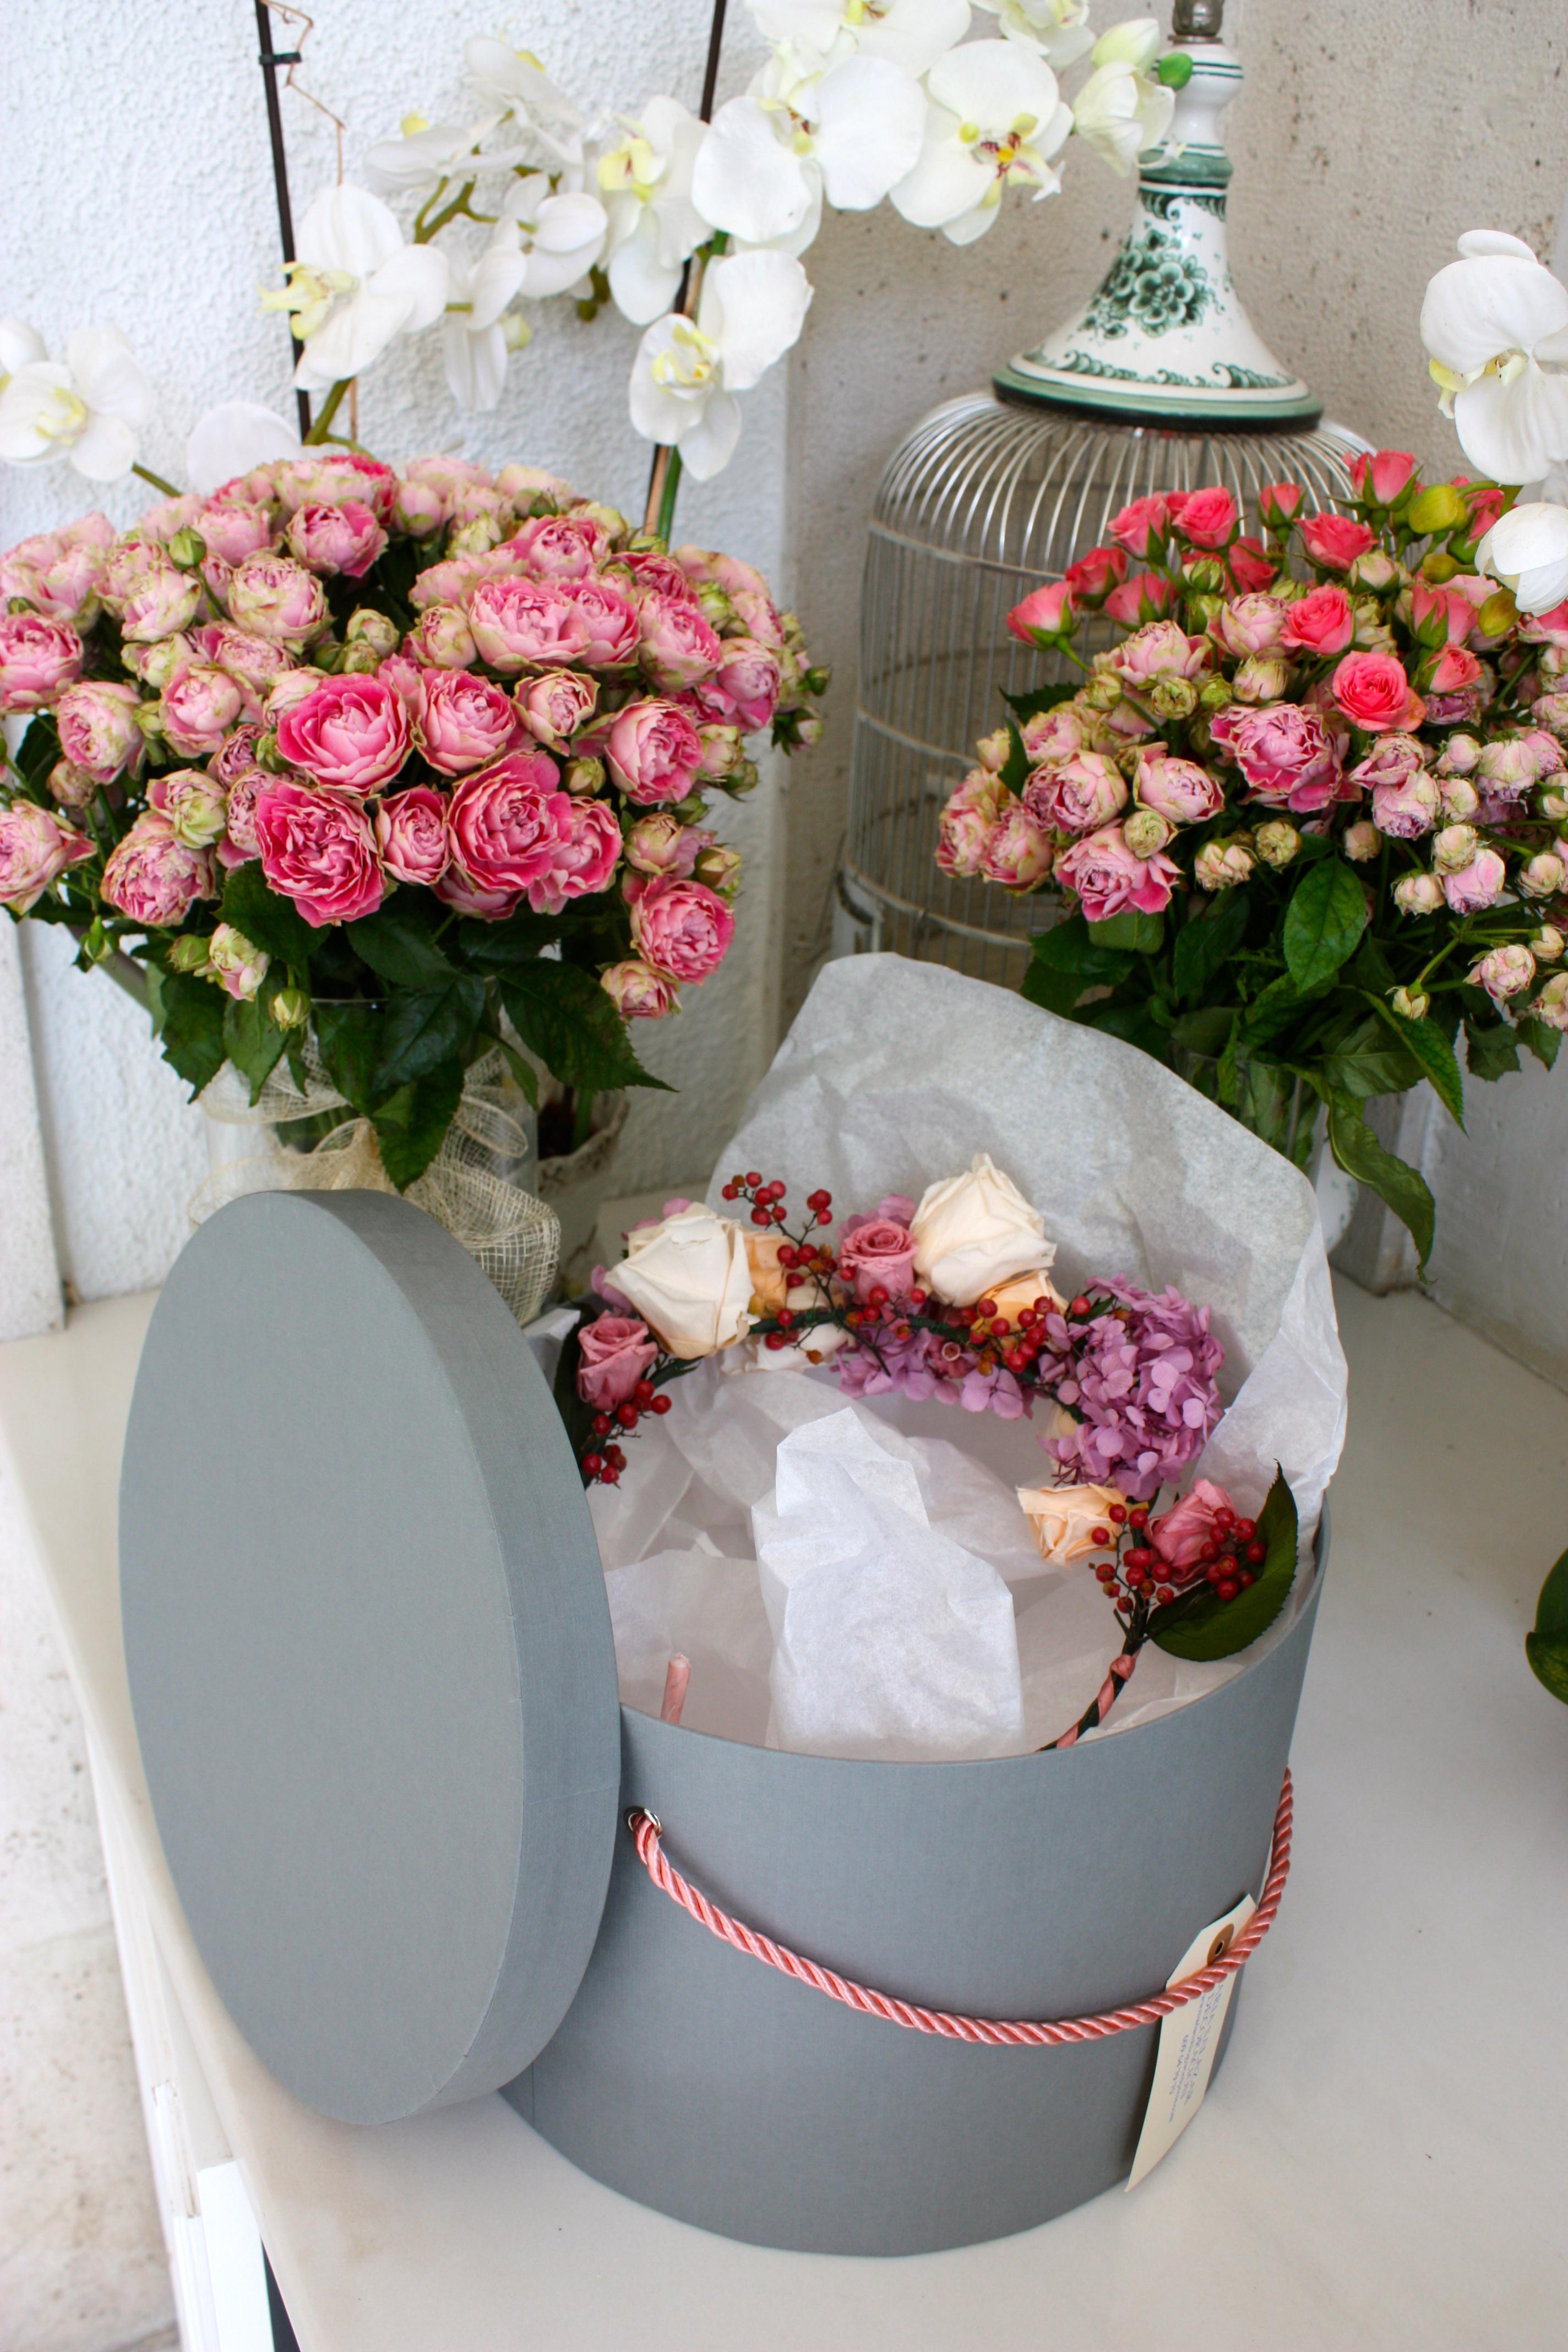 Corona cru disfrutando con los preparativos for Rosas de decoracion